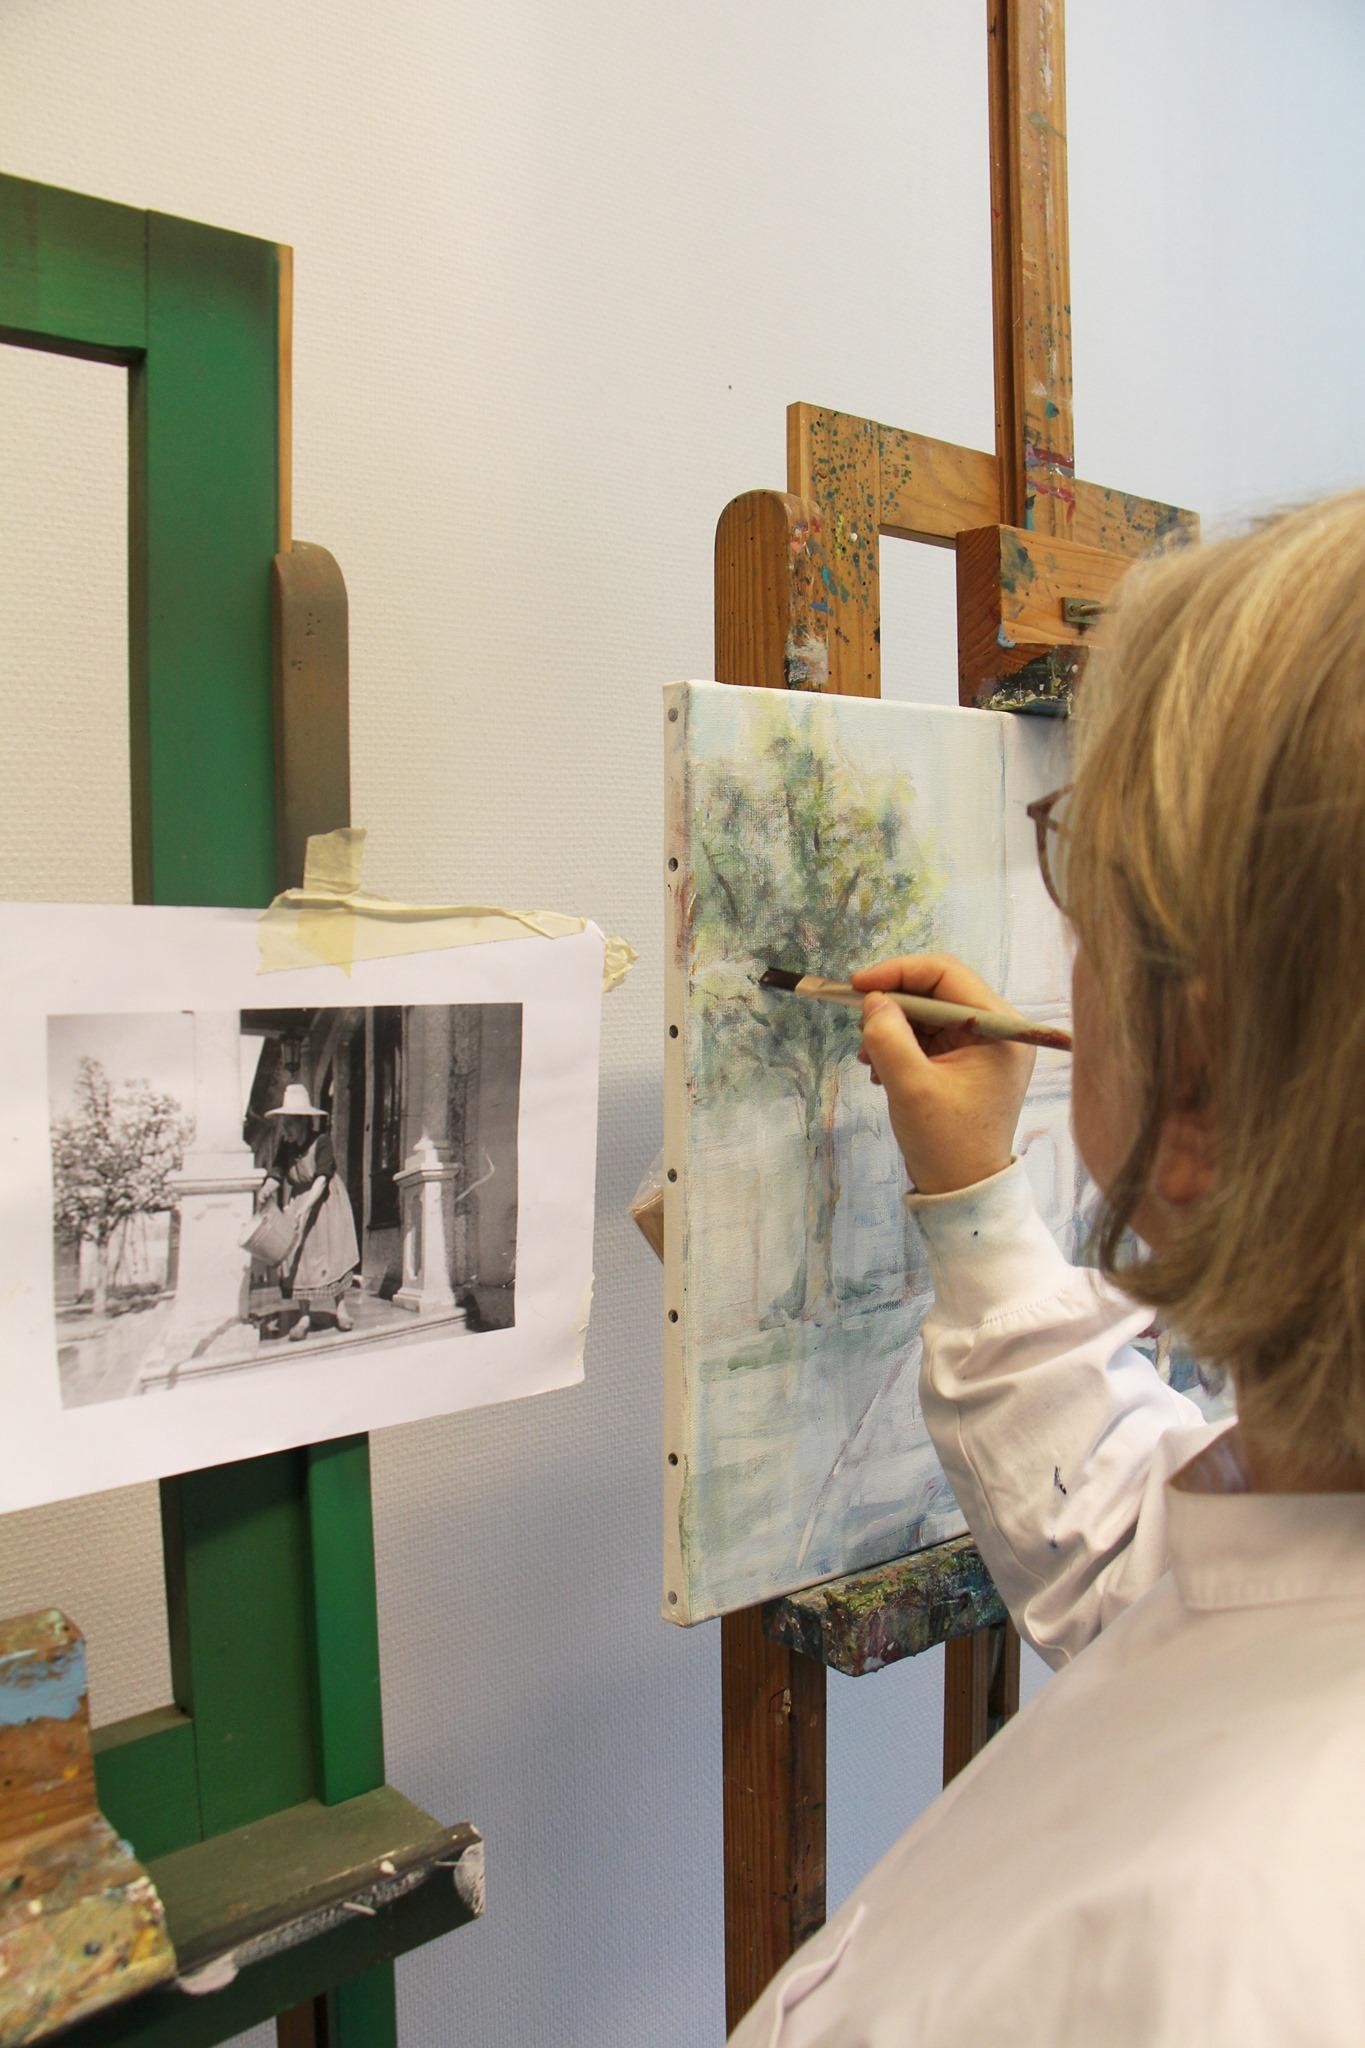 Oficina de Pintura - Oficinas Livres